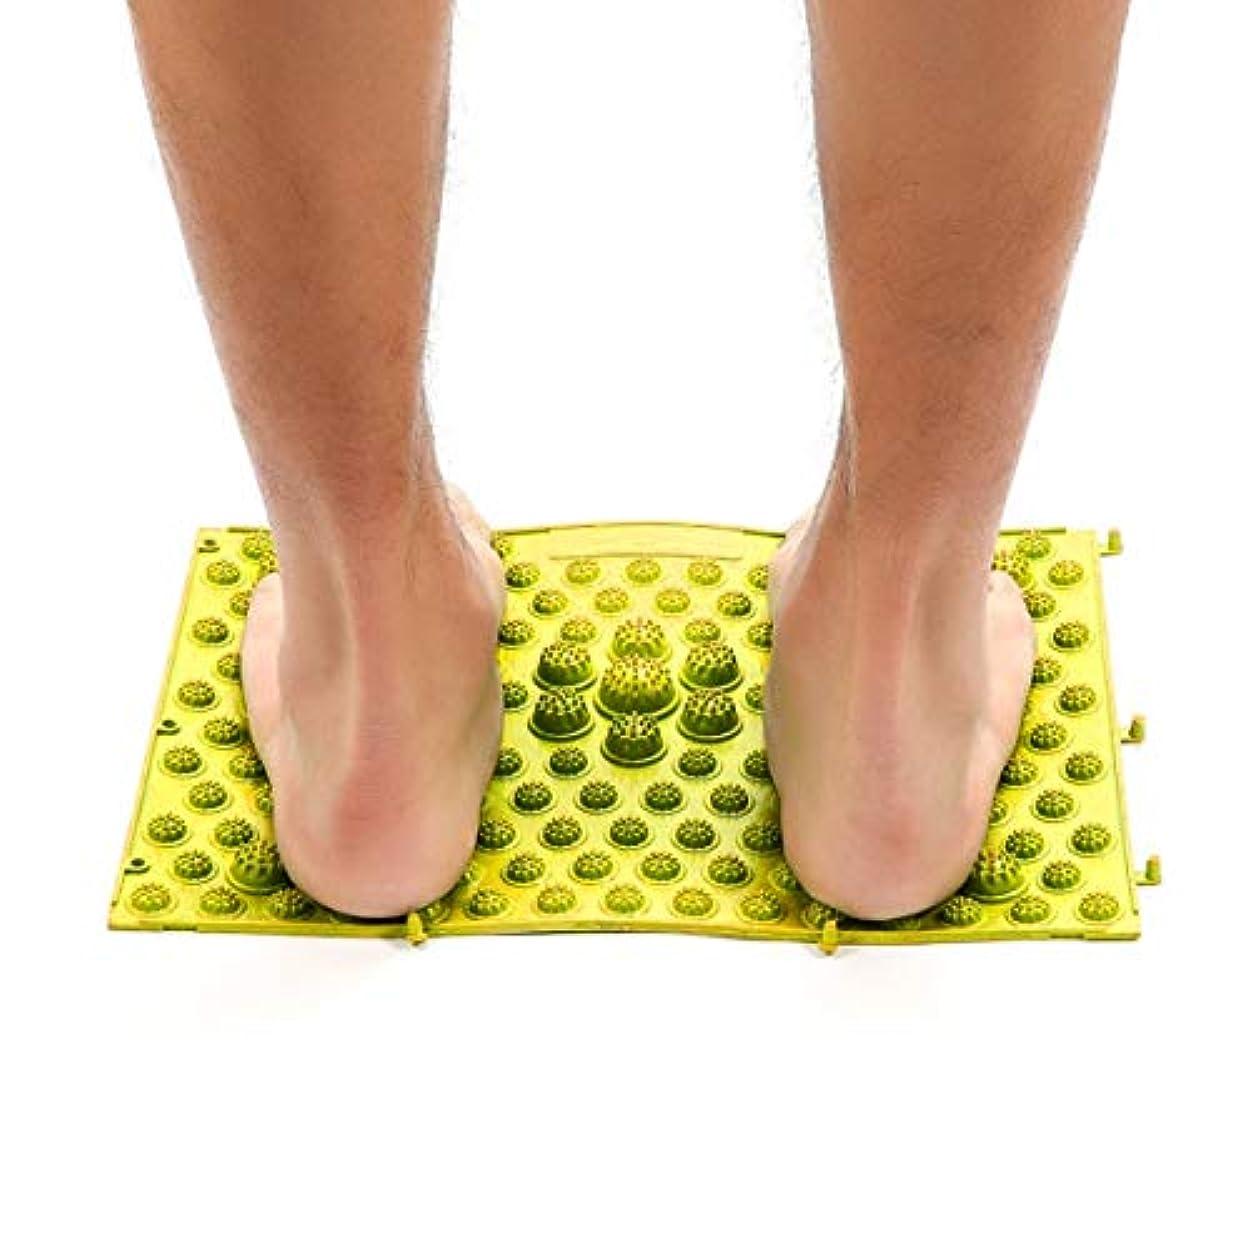 うめき委員会破壊的Acupressure Foot Mats Running Man Game Same Type Foot Reflexology Walking Massage Mat for Pain Relief Stress Relief...